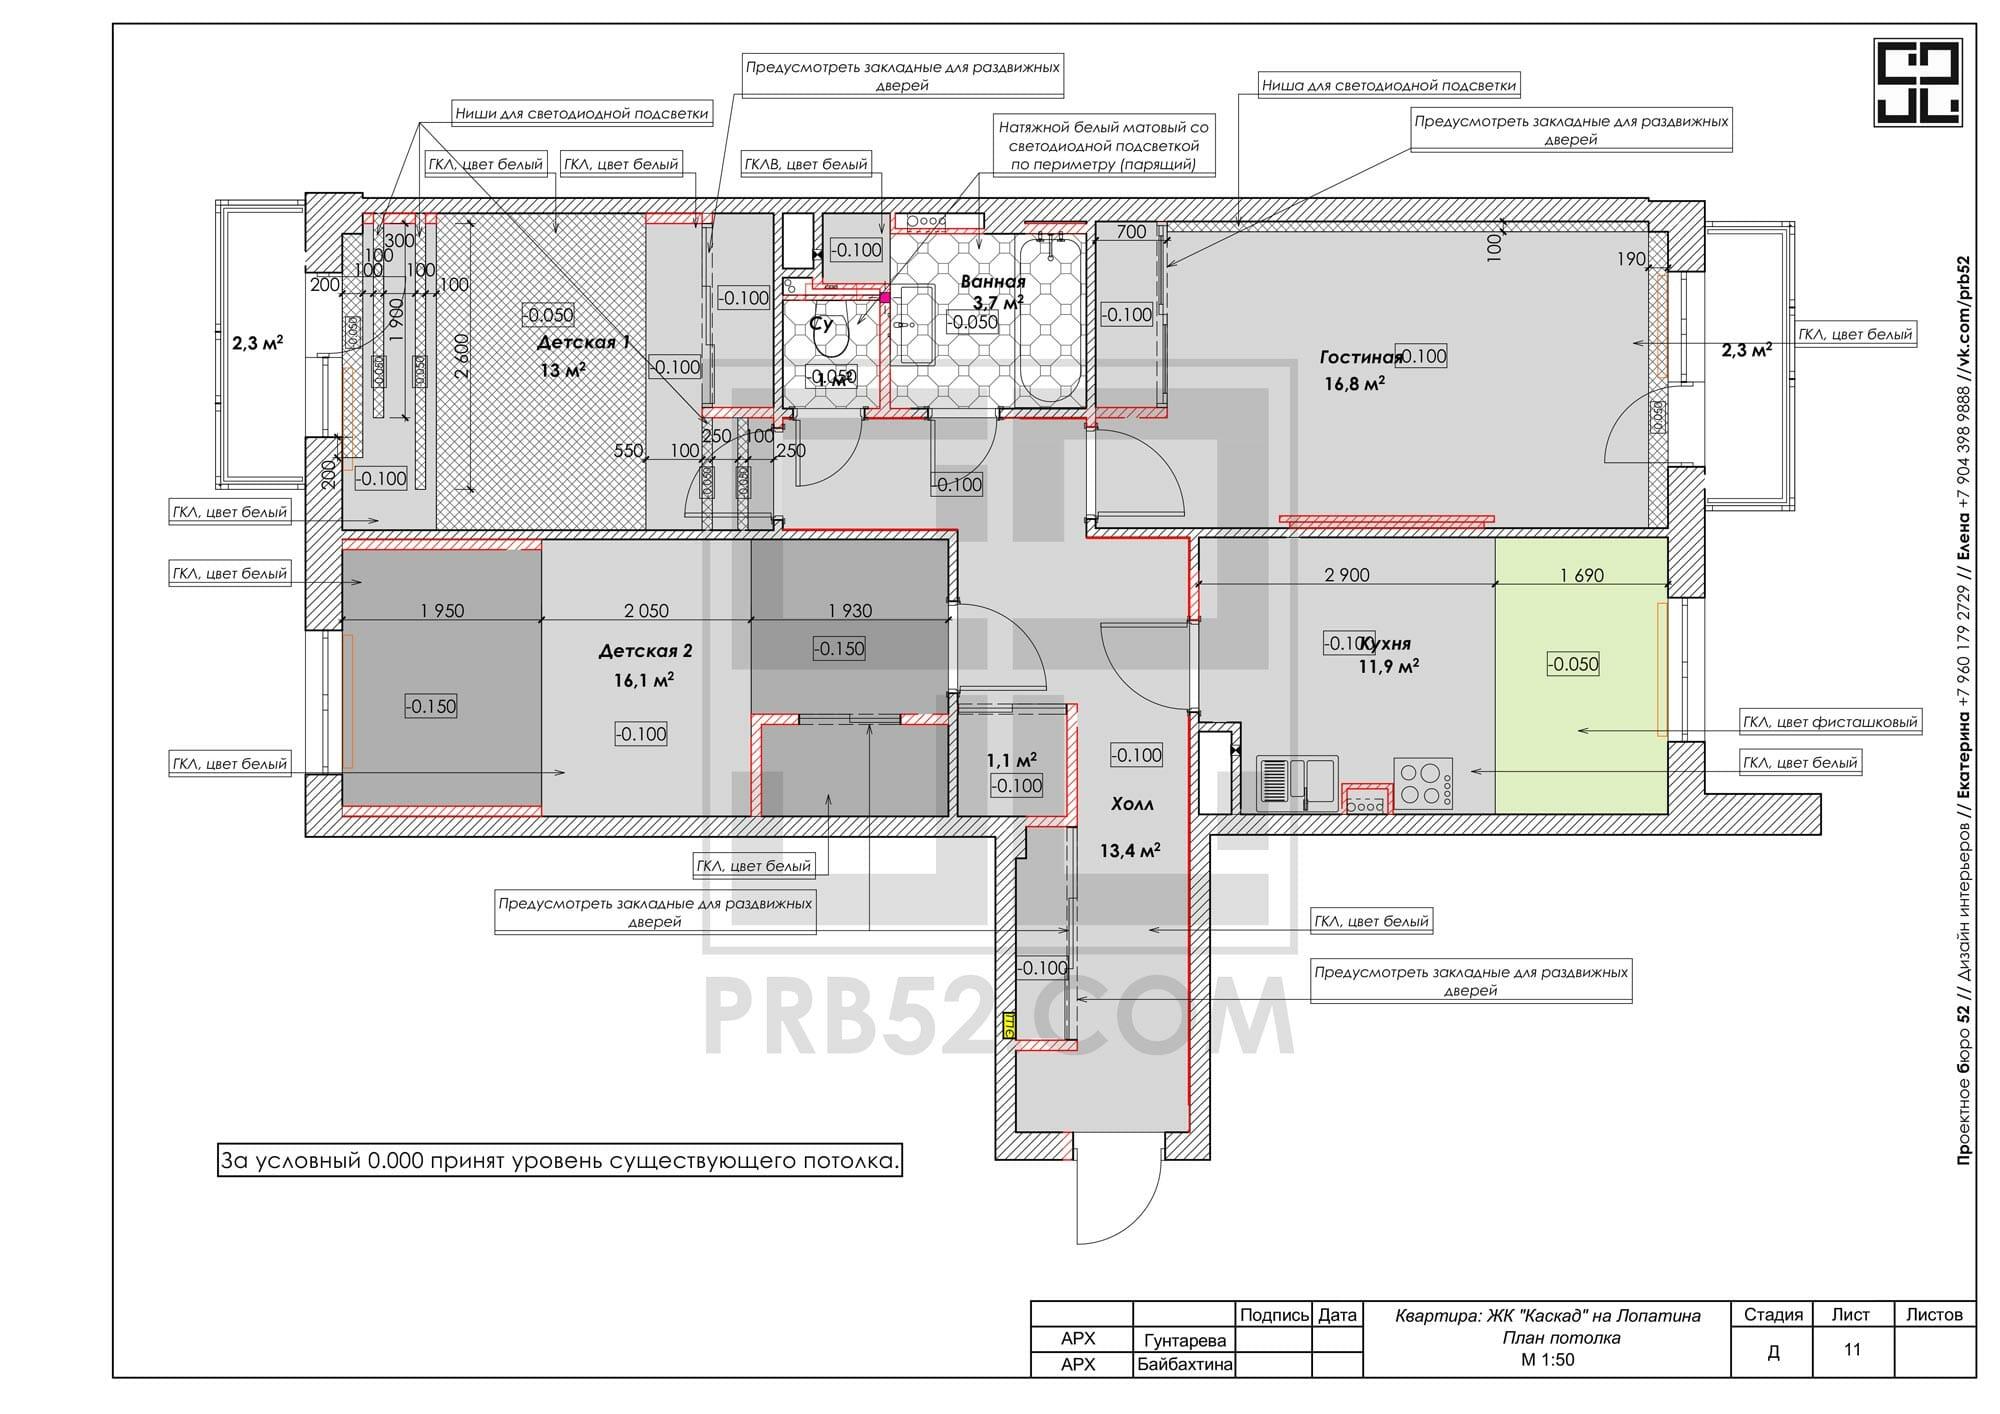 дизайн интерьера планы потолка